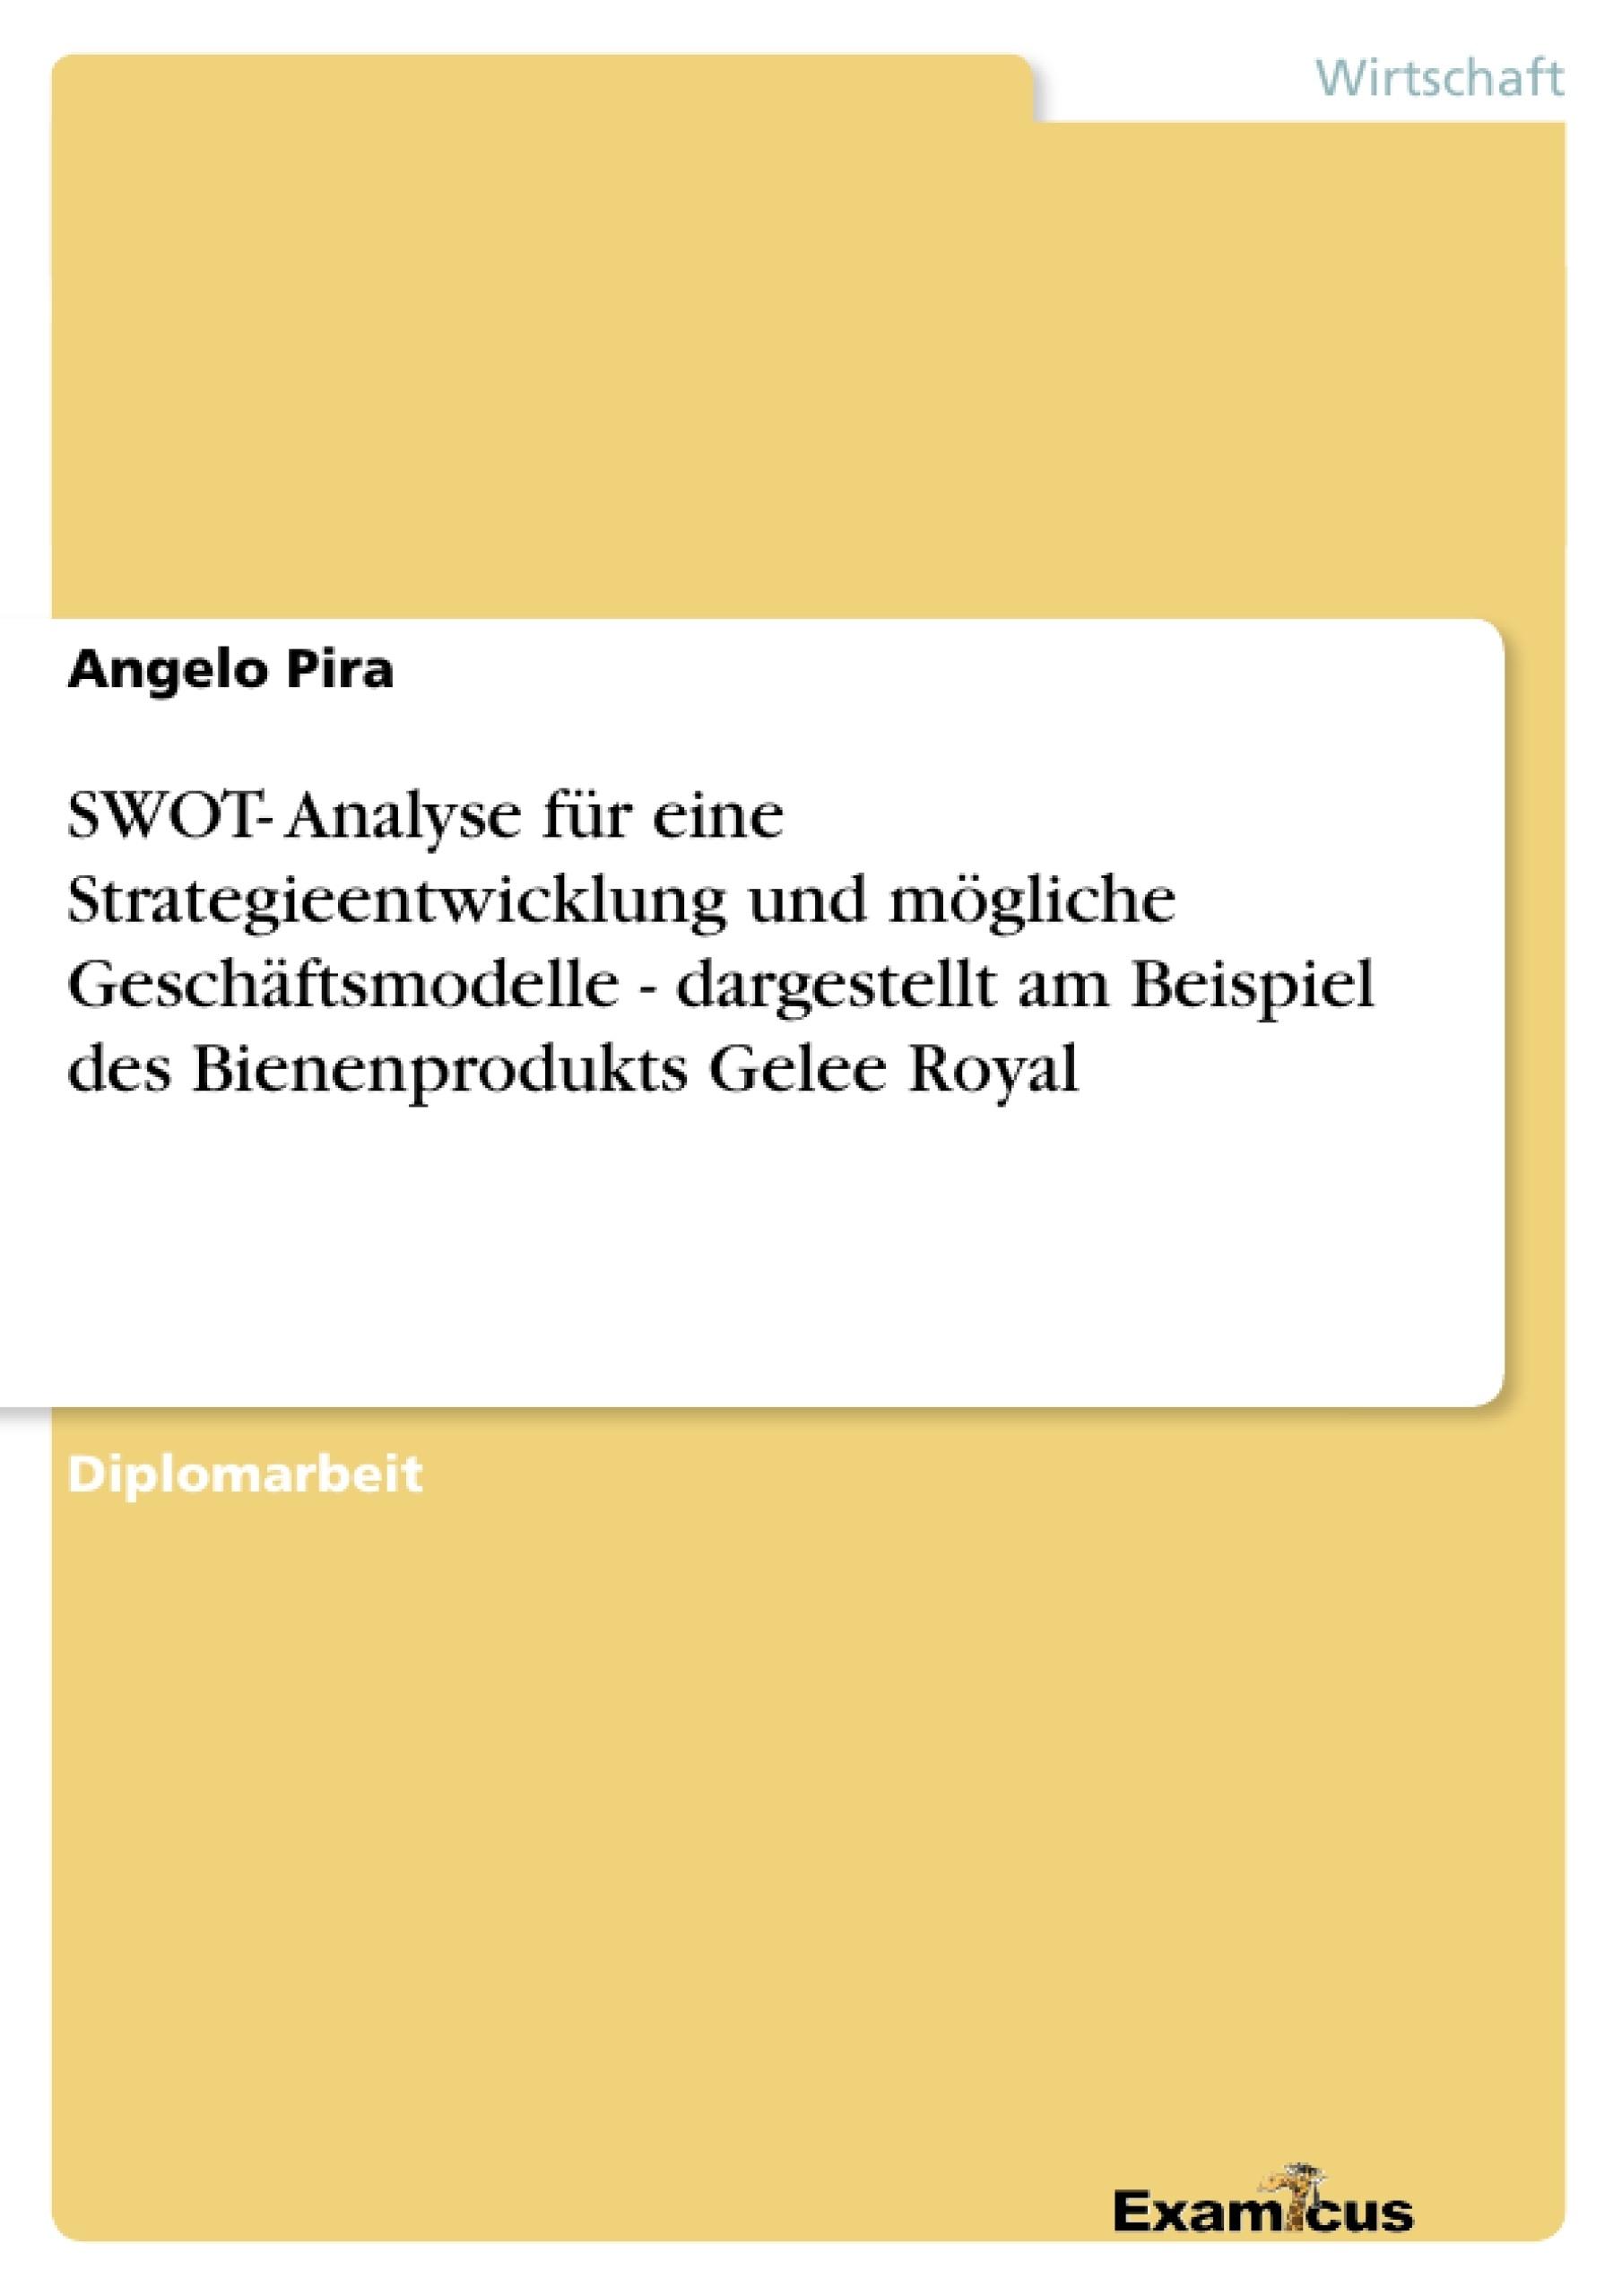 Titel: SWOT- Analyse für eine Strategieentwicklung und mögliche Geschäftsmodelle - dargestellt am Beispiel des Bienenprodukts Gelee Royal